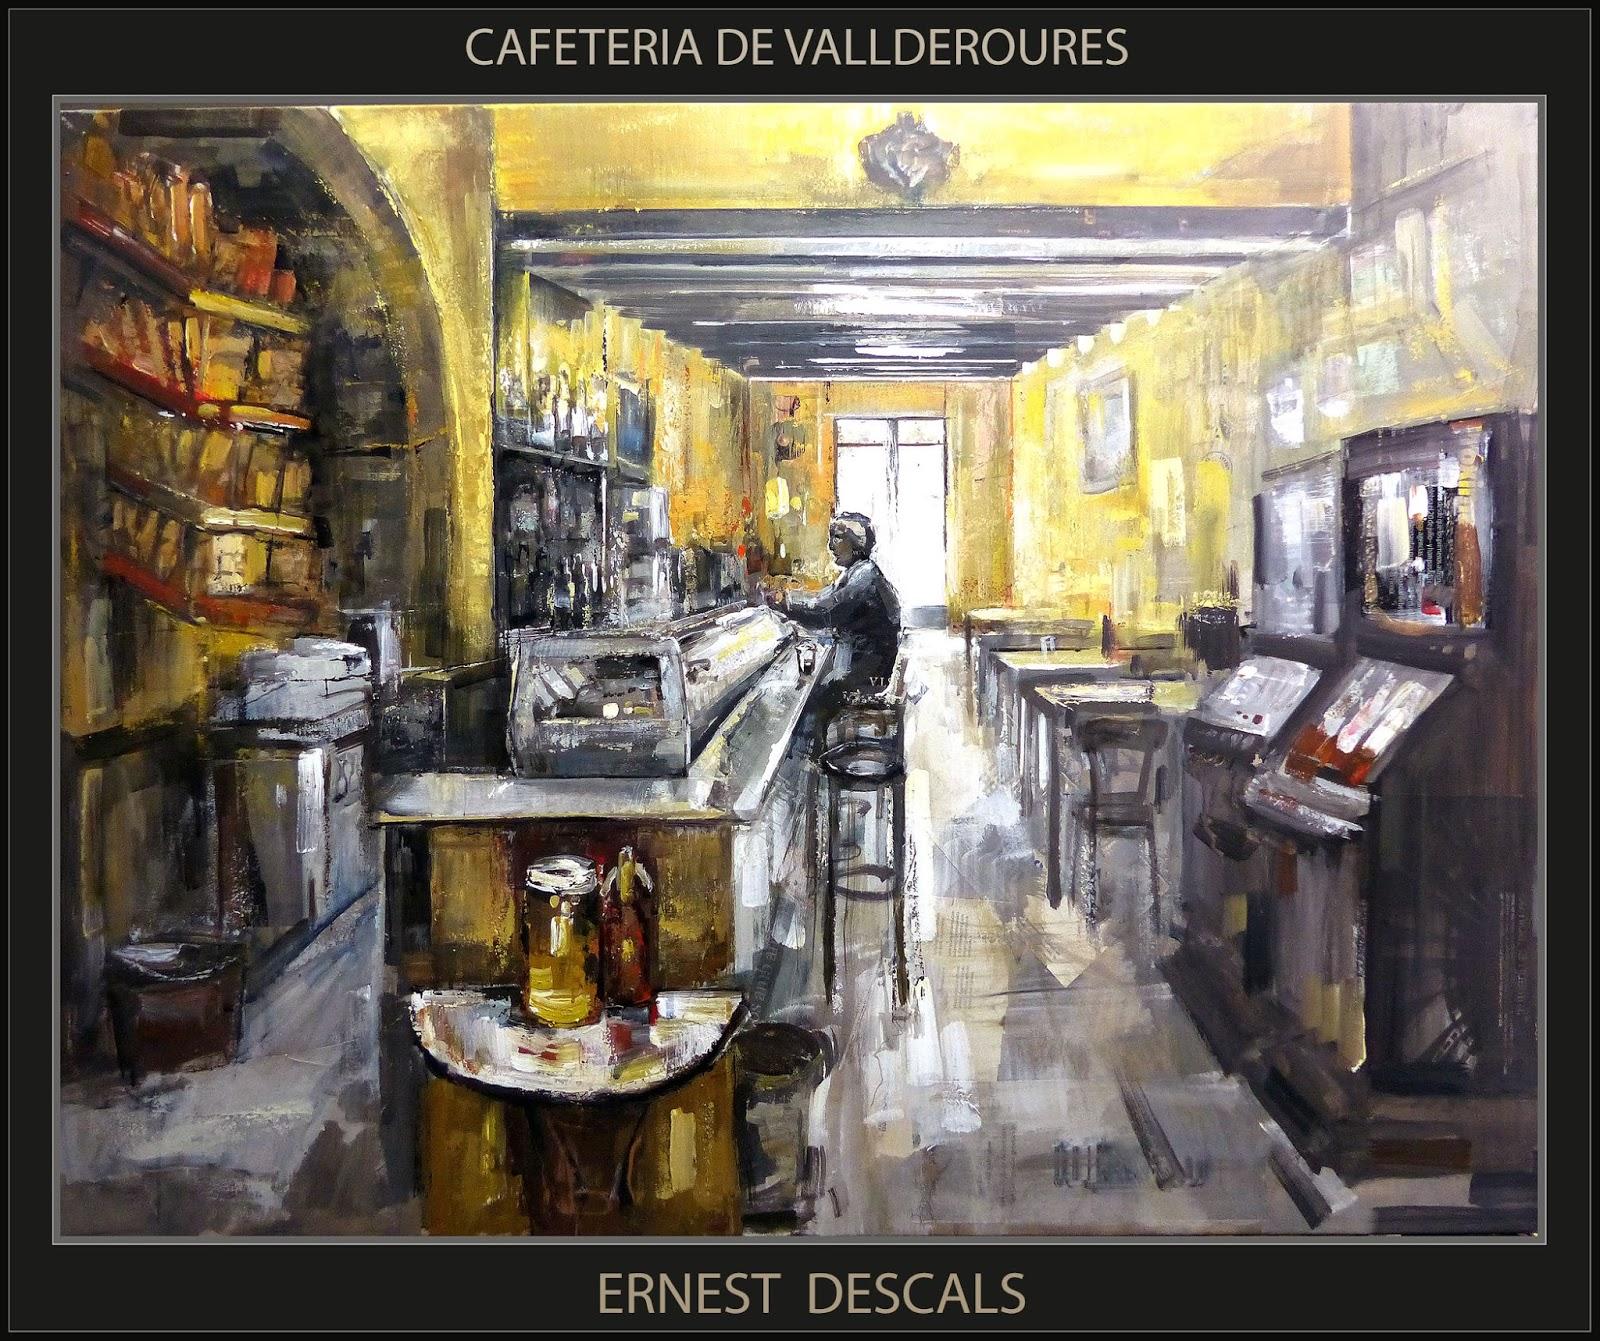 Ernest Descals Artista Pintor Pinturas Cafeteria Pintura